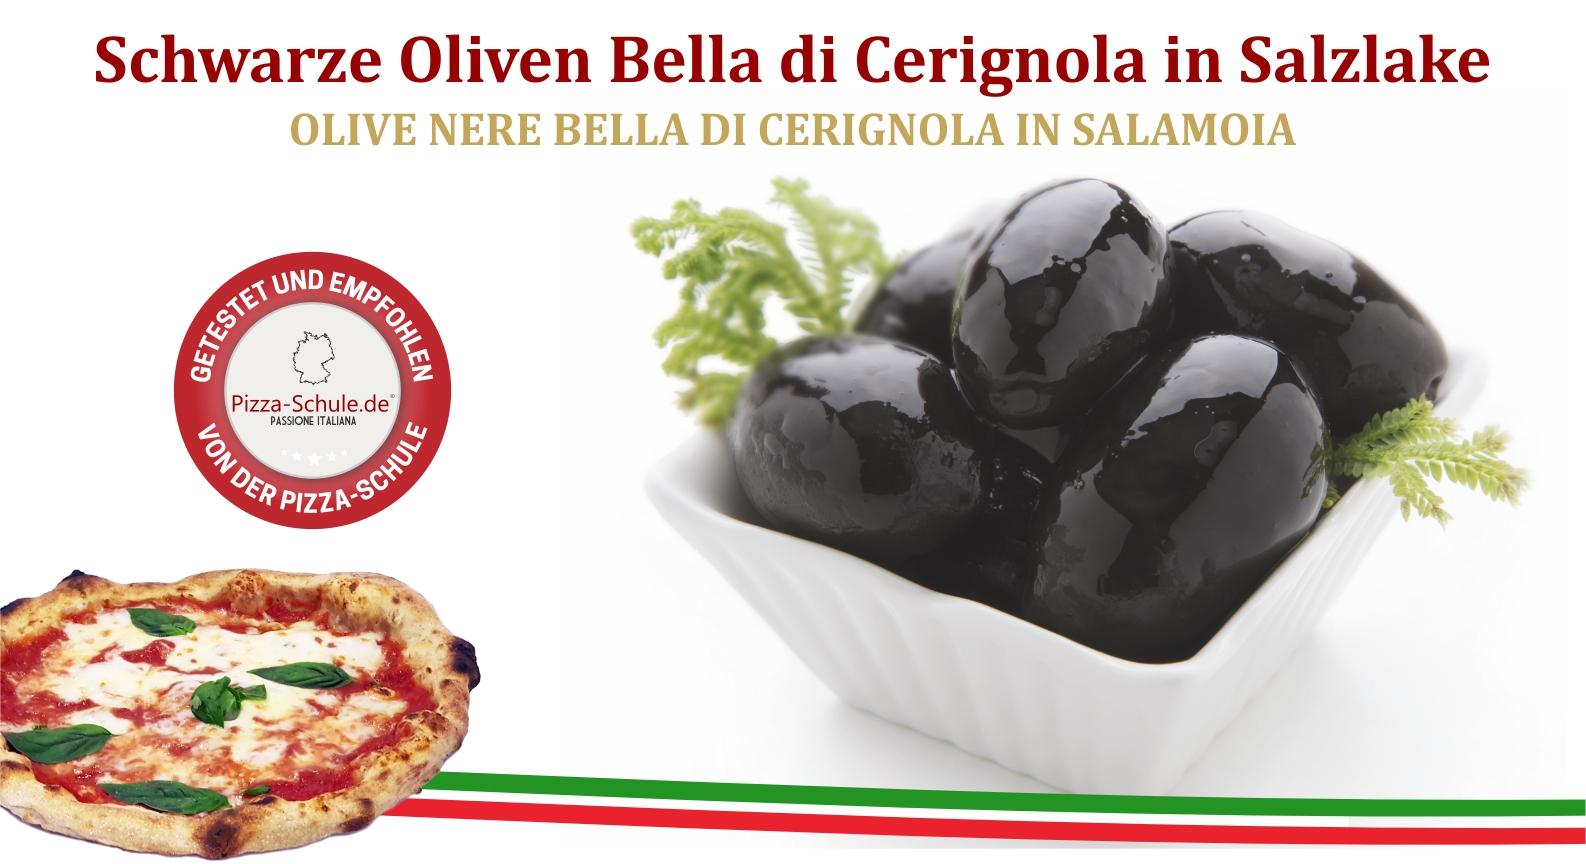 Schwarze Oliven Bella di Cerignola in Salzlake